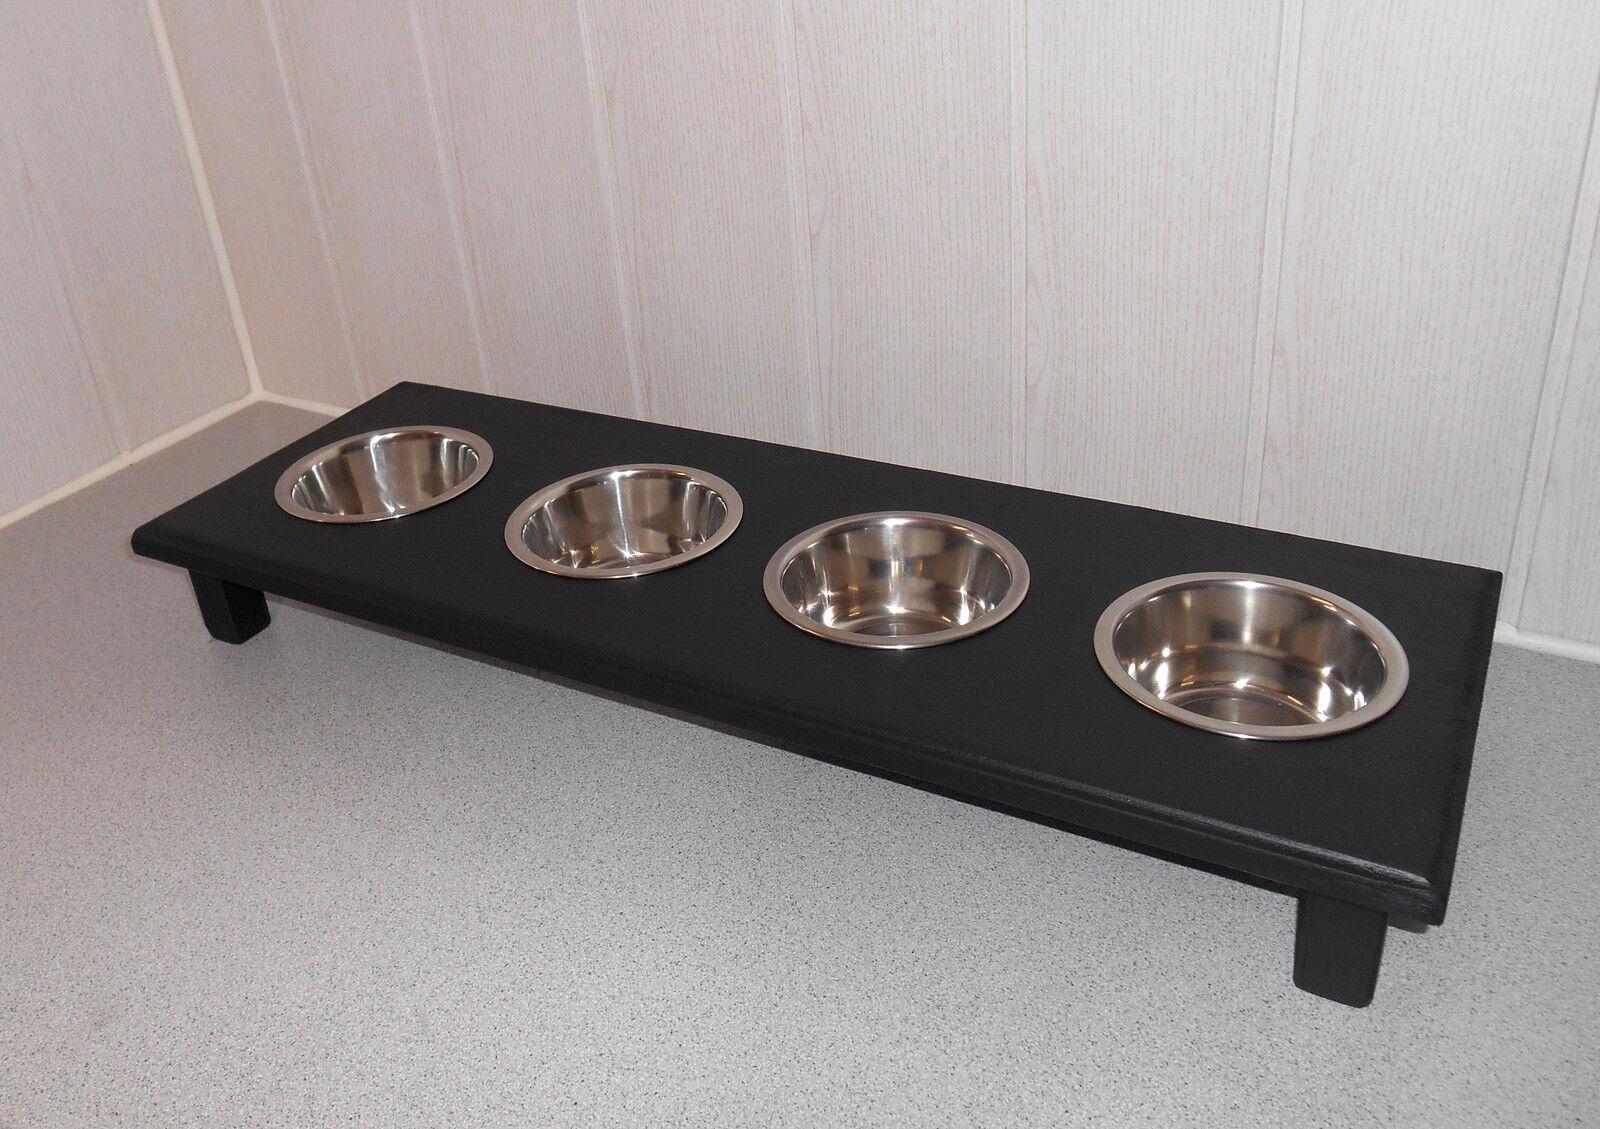 Welpenbar   Futternapf Futterbar mit 4 Näpfen, Ideal für 2 Katzen (217)